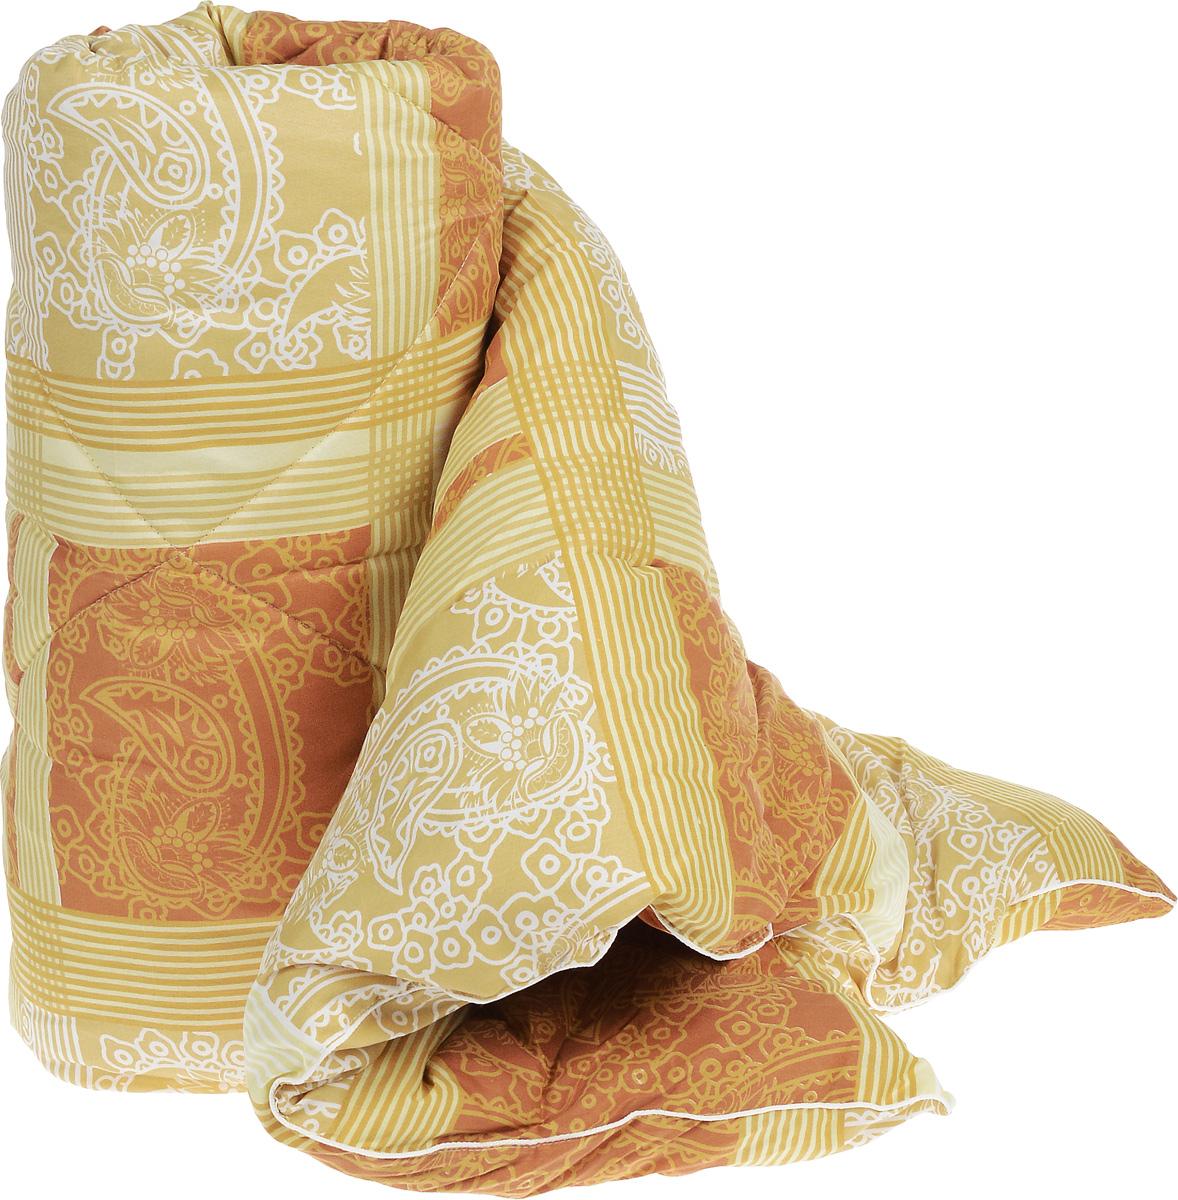 Одеяло теплое Легкие сны Золотое руно, наполнитель: овечья шерсть, цвет в ассортименте,140 x 205 см140(32)05-ОШПТеплое стеганое одеяло Легкие сны Золотое руно с наполнителем из овечьей шерсти расслабит, снимет усталость и подарит вам спокойный и здоровый сон. Шерстяные волокна, получаемые из овечьей шерсти, имеют полую структуру, придающую изделиям высокую износоустойчивость. Чехол одеяла, выполненный из смесовой ткани отлично пропускает воздух, создавая эффект сухого тепла. Одеяло простегано. Стежка надежно удерживает наполнитель внутри и не позволяет ему скатываться. Рекомендации по уходу: Отбеливание, стирка, барабанная сушка и глажка запрещены. Разрешается химчистка. Уважаемые клиенты! Товар поставляется в цветовом ассортименте. Поставка осуществляется в зависимости от наличия на складе.